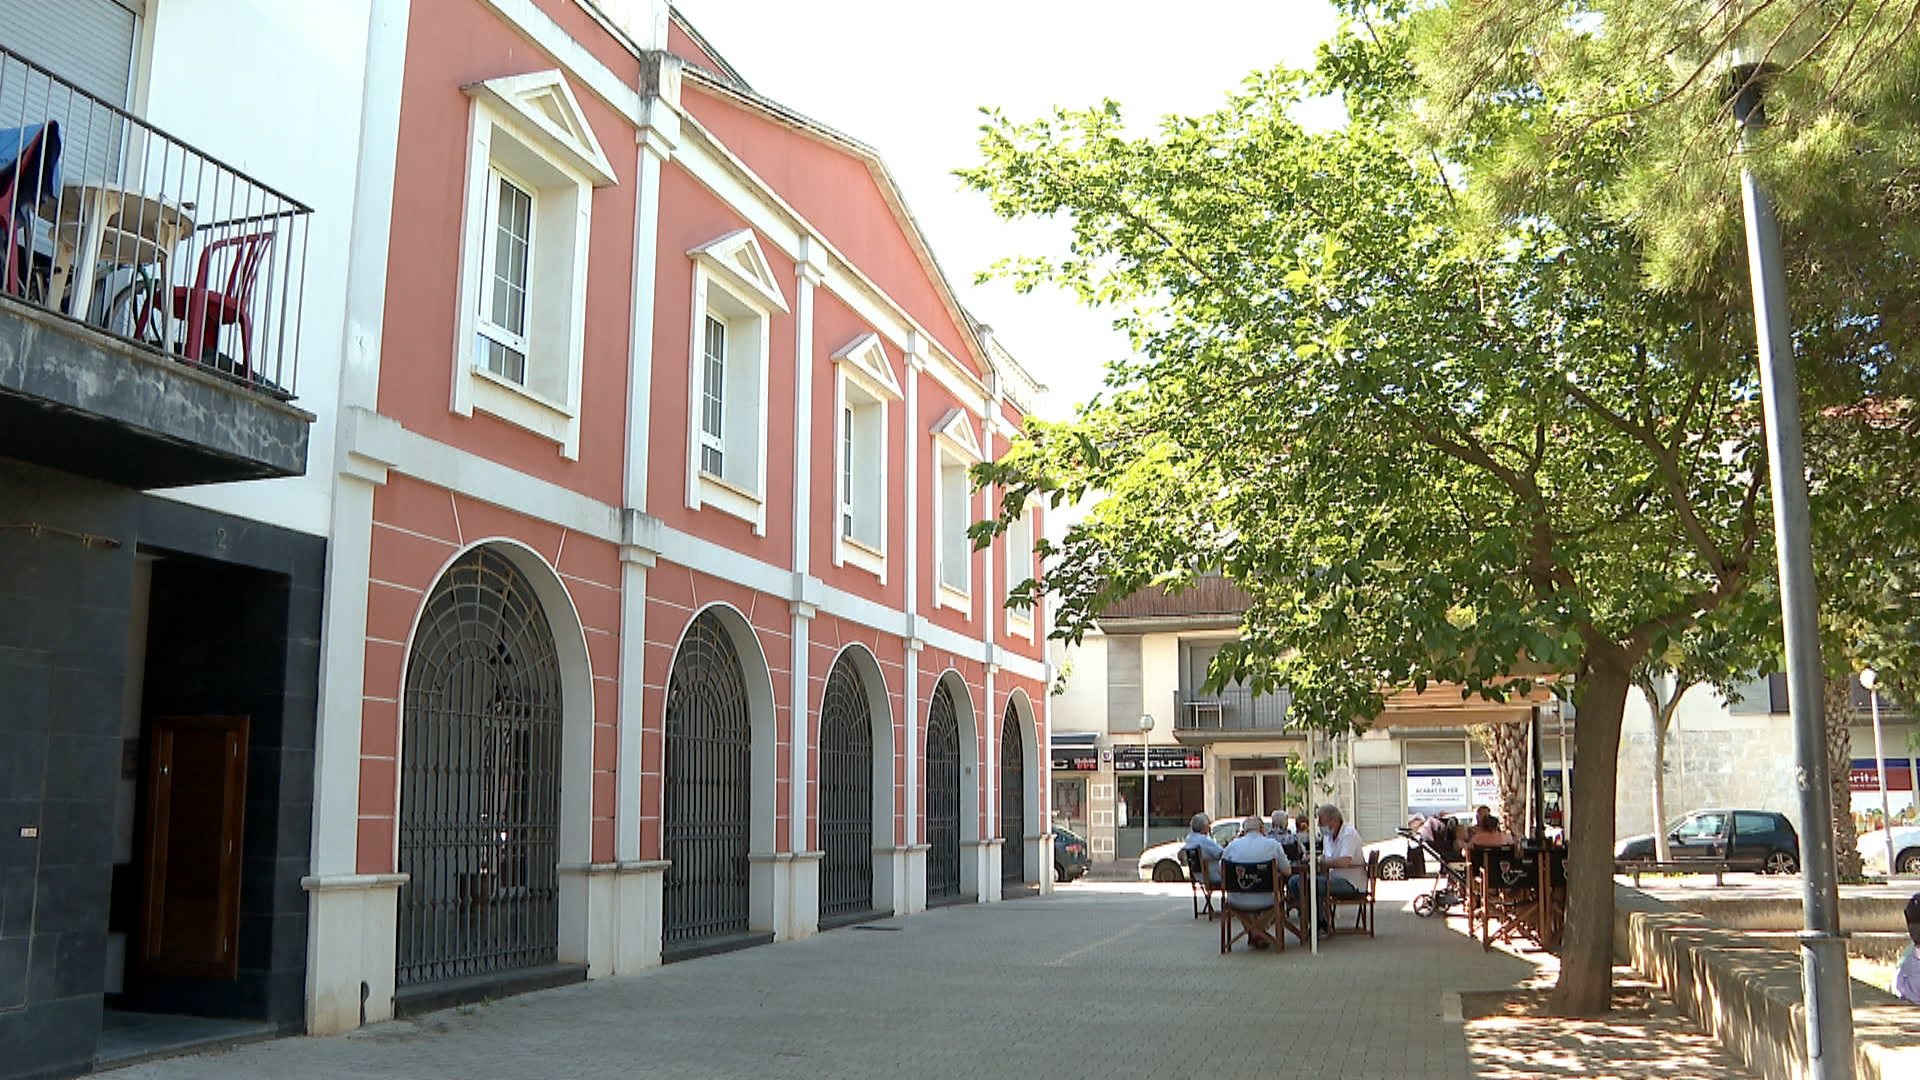 Ciutadella+reclama+a+la+Casa+Reial+la+cessi%C3%B3+del+palauet+Balada+per+a+destinar-lo+a+usos+socials